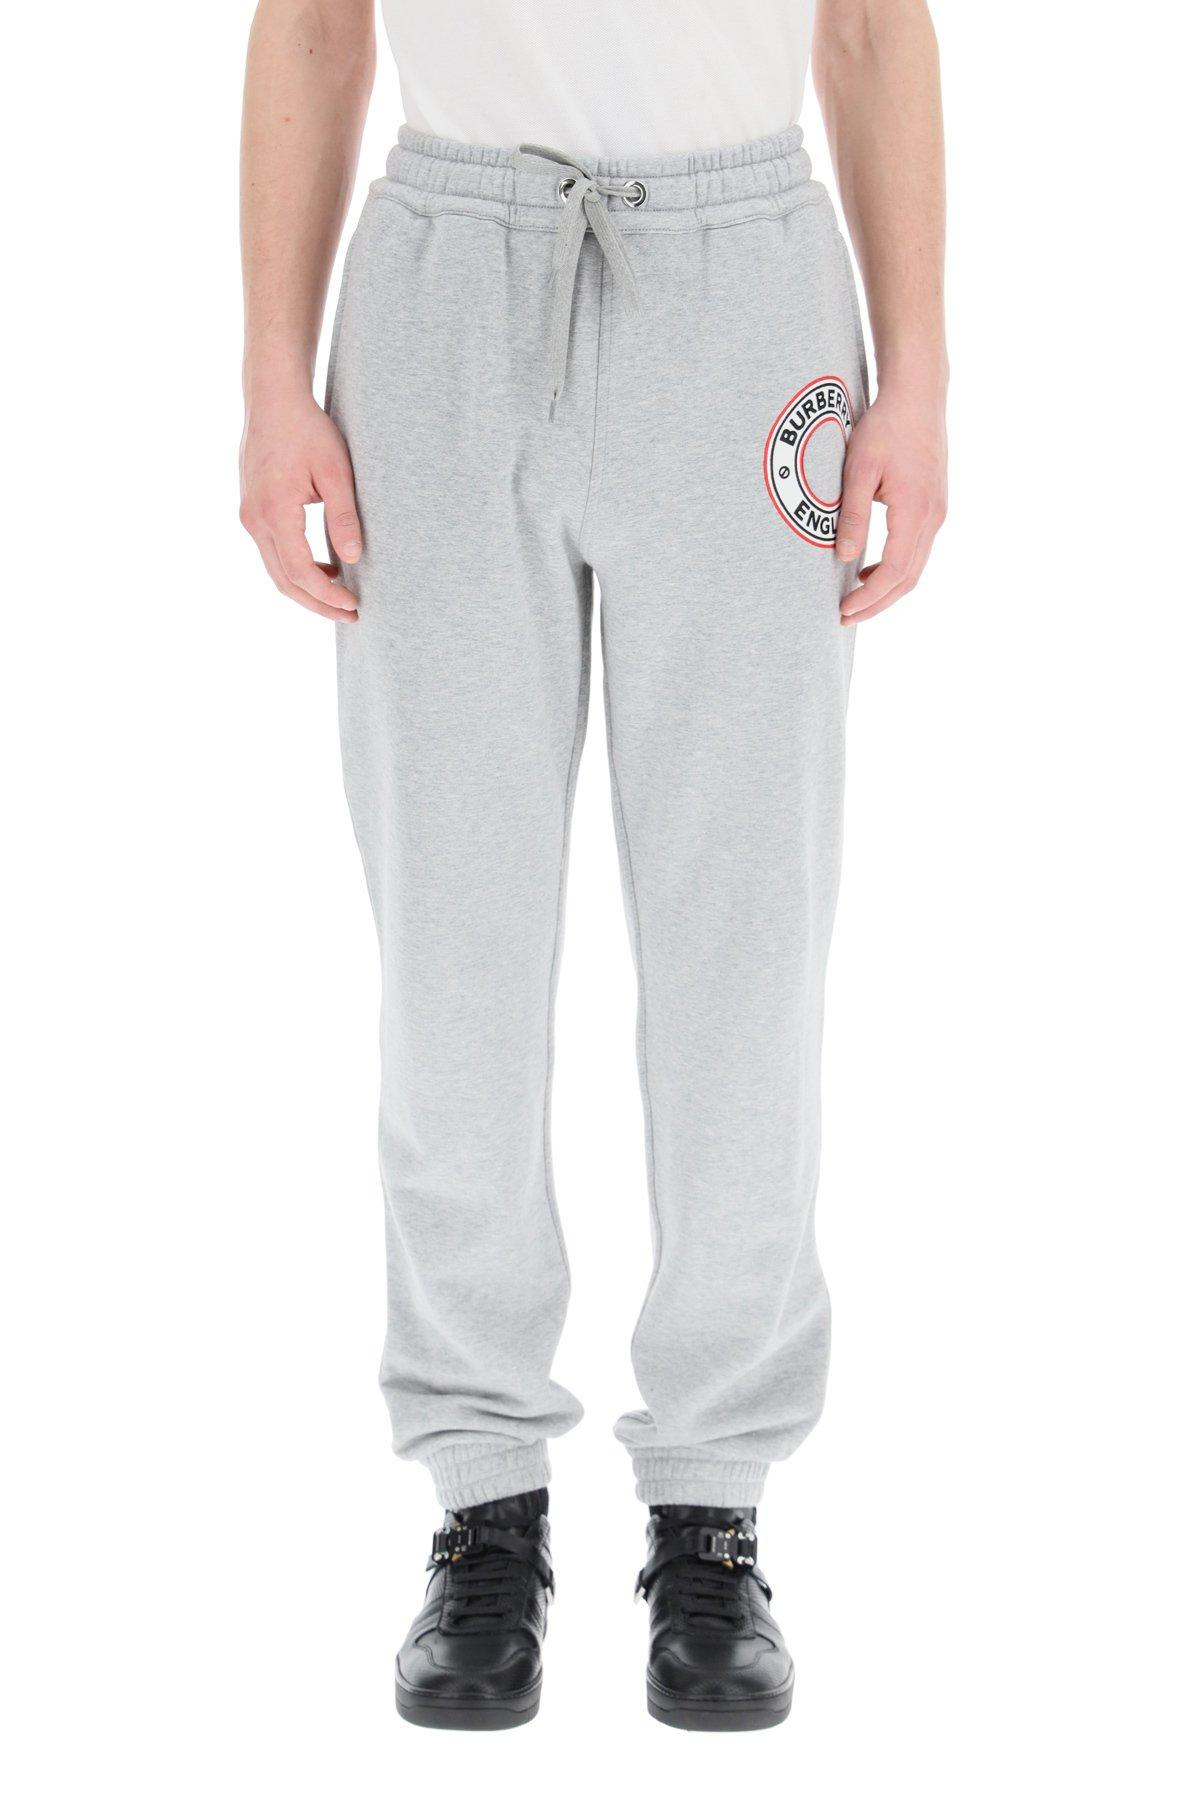 Burberry pantaloni jogger addison